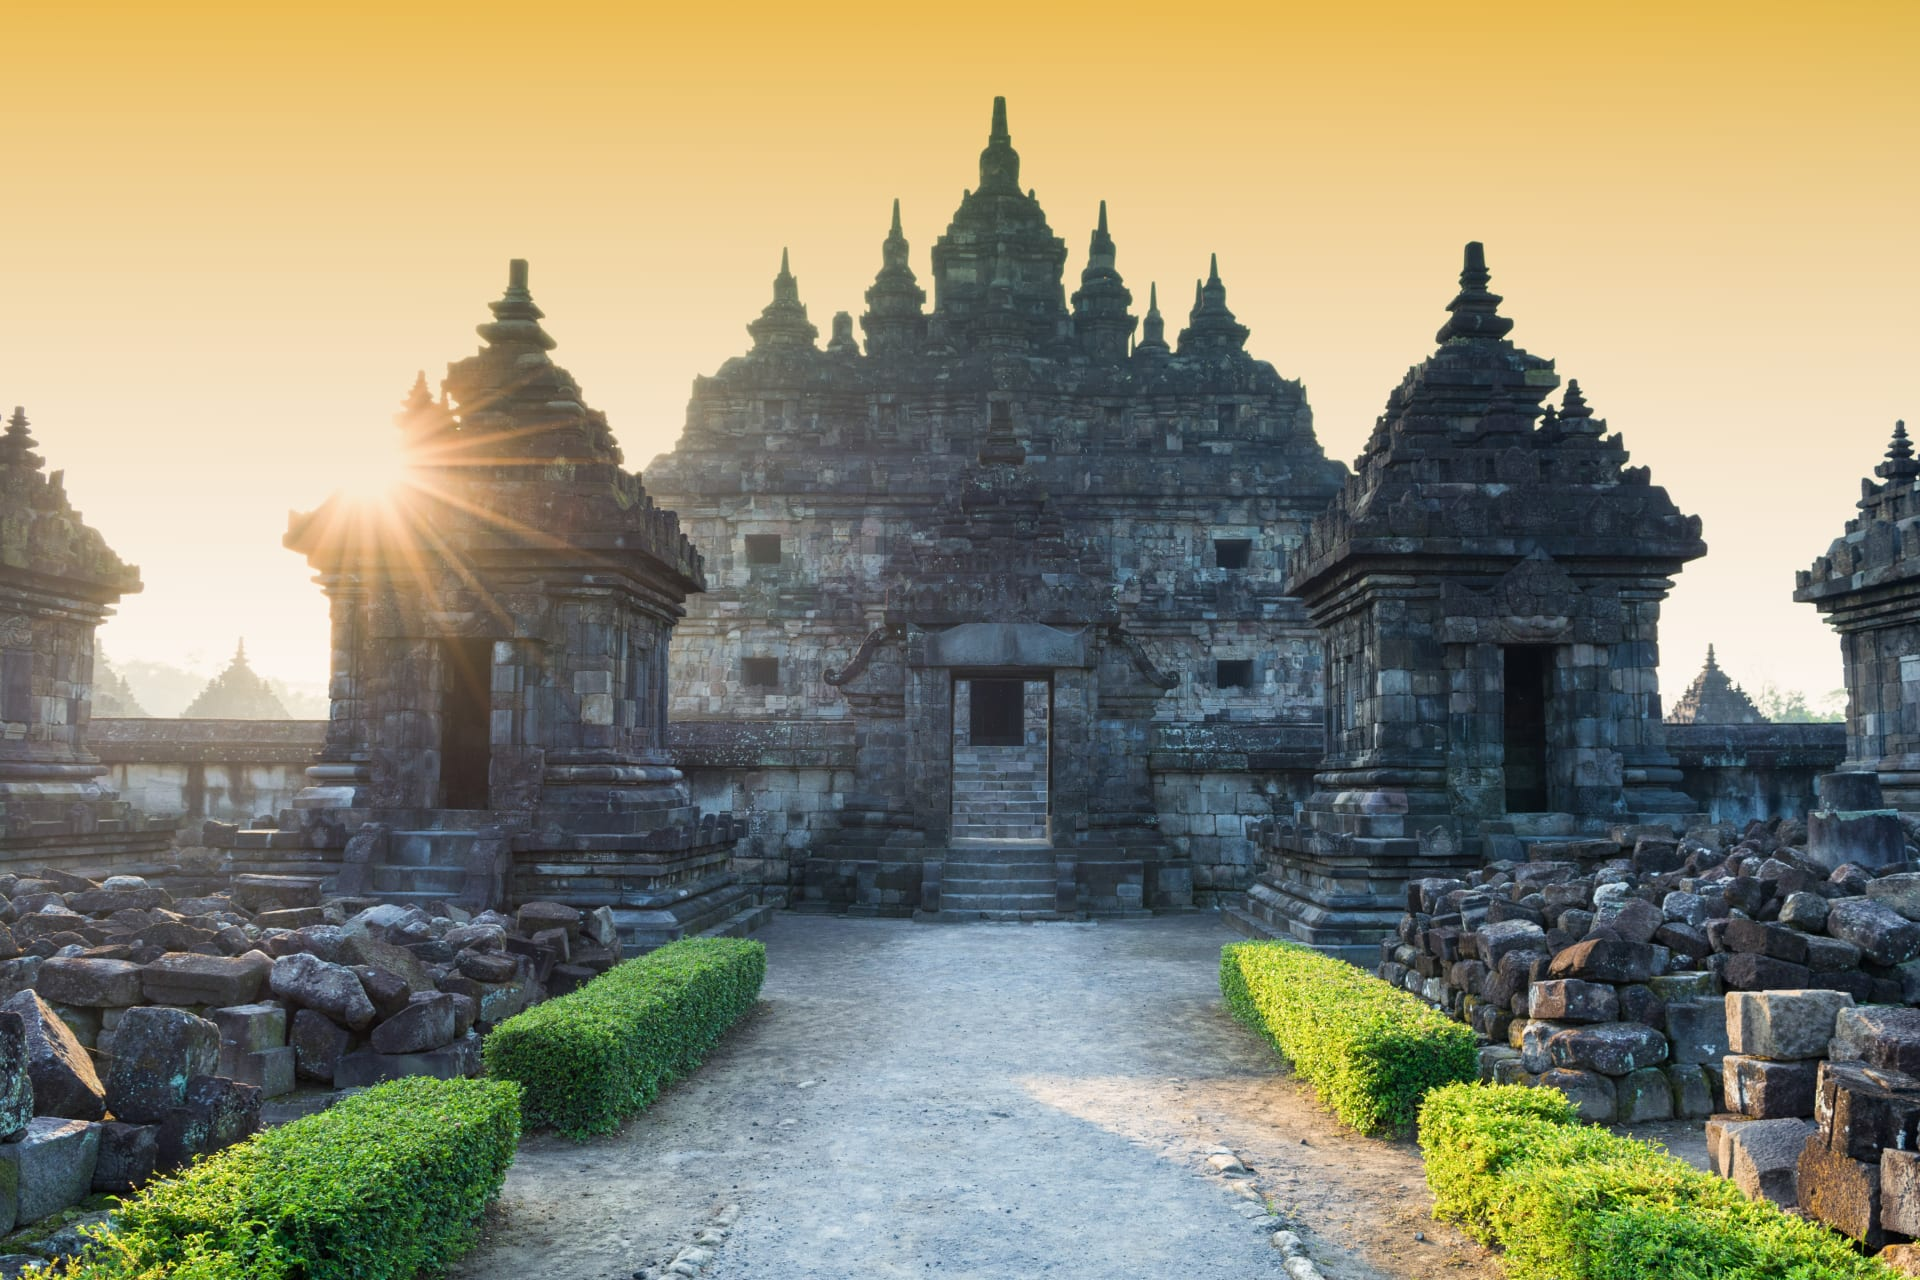 Yogyakarta - Plaosan Temple - a Blend of Buddhist and Hindu